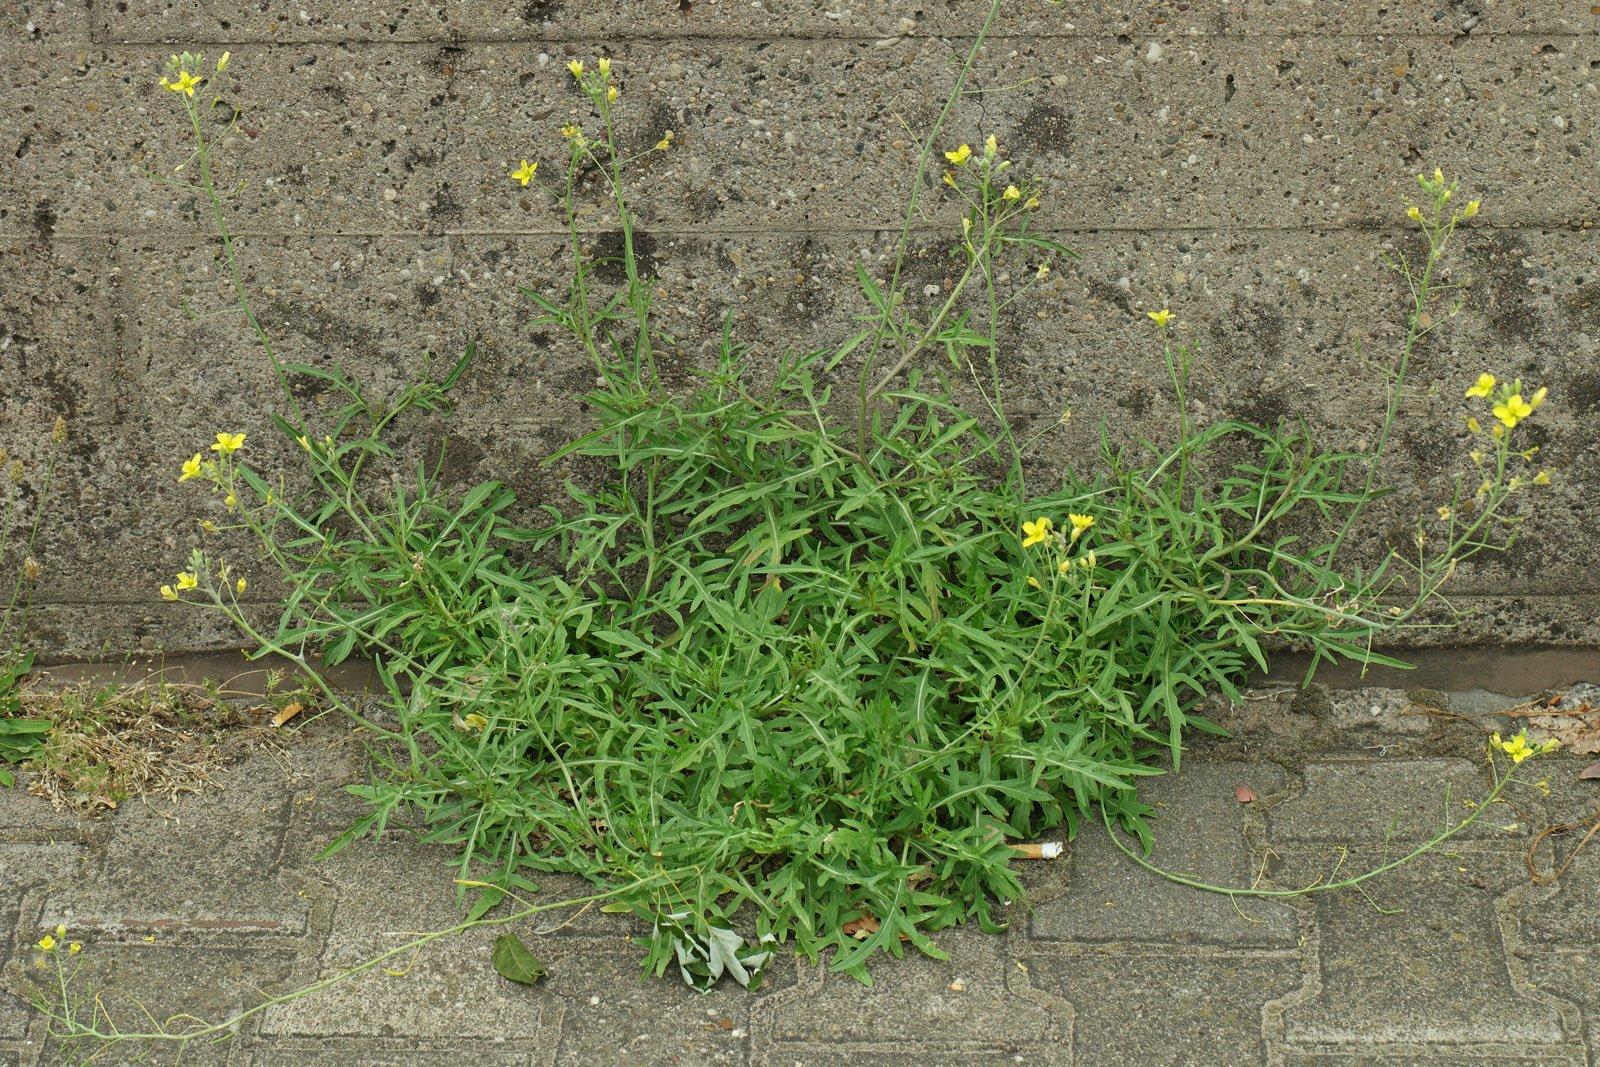 Diplotaxis tenuifolia